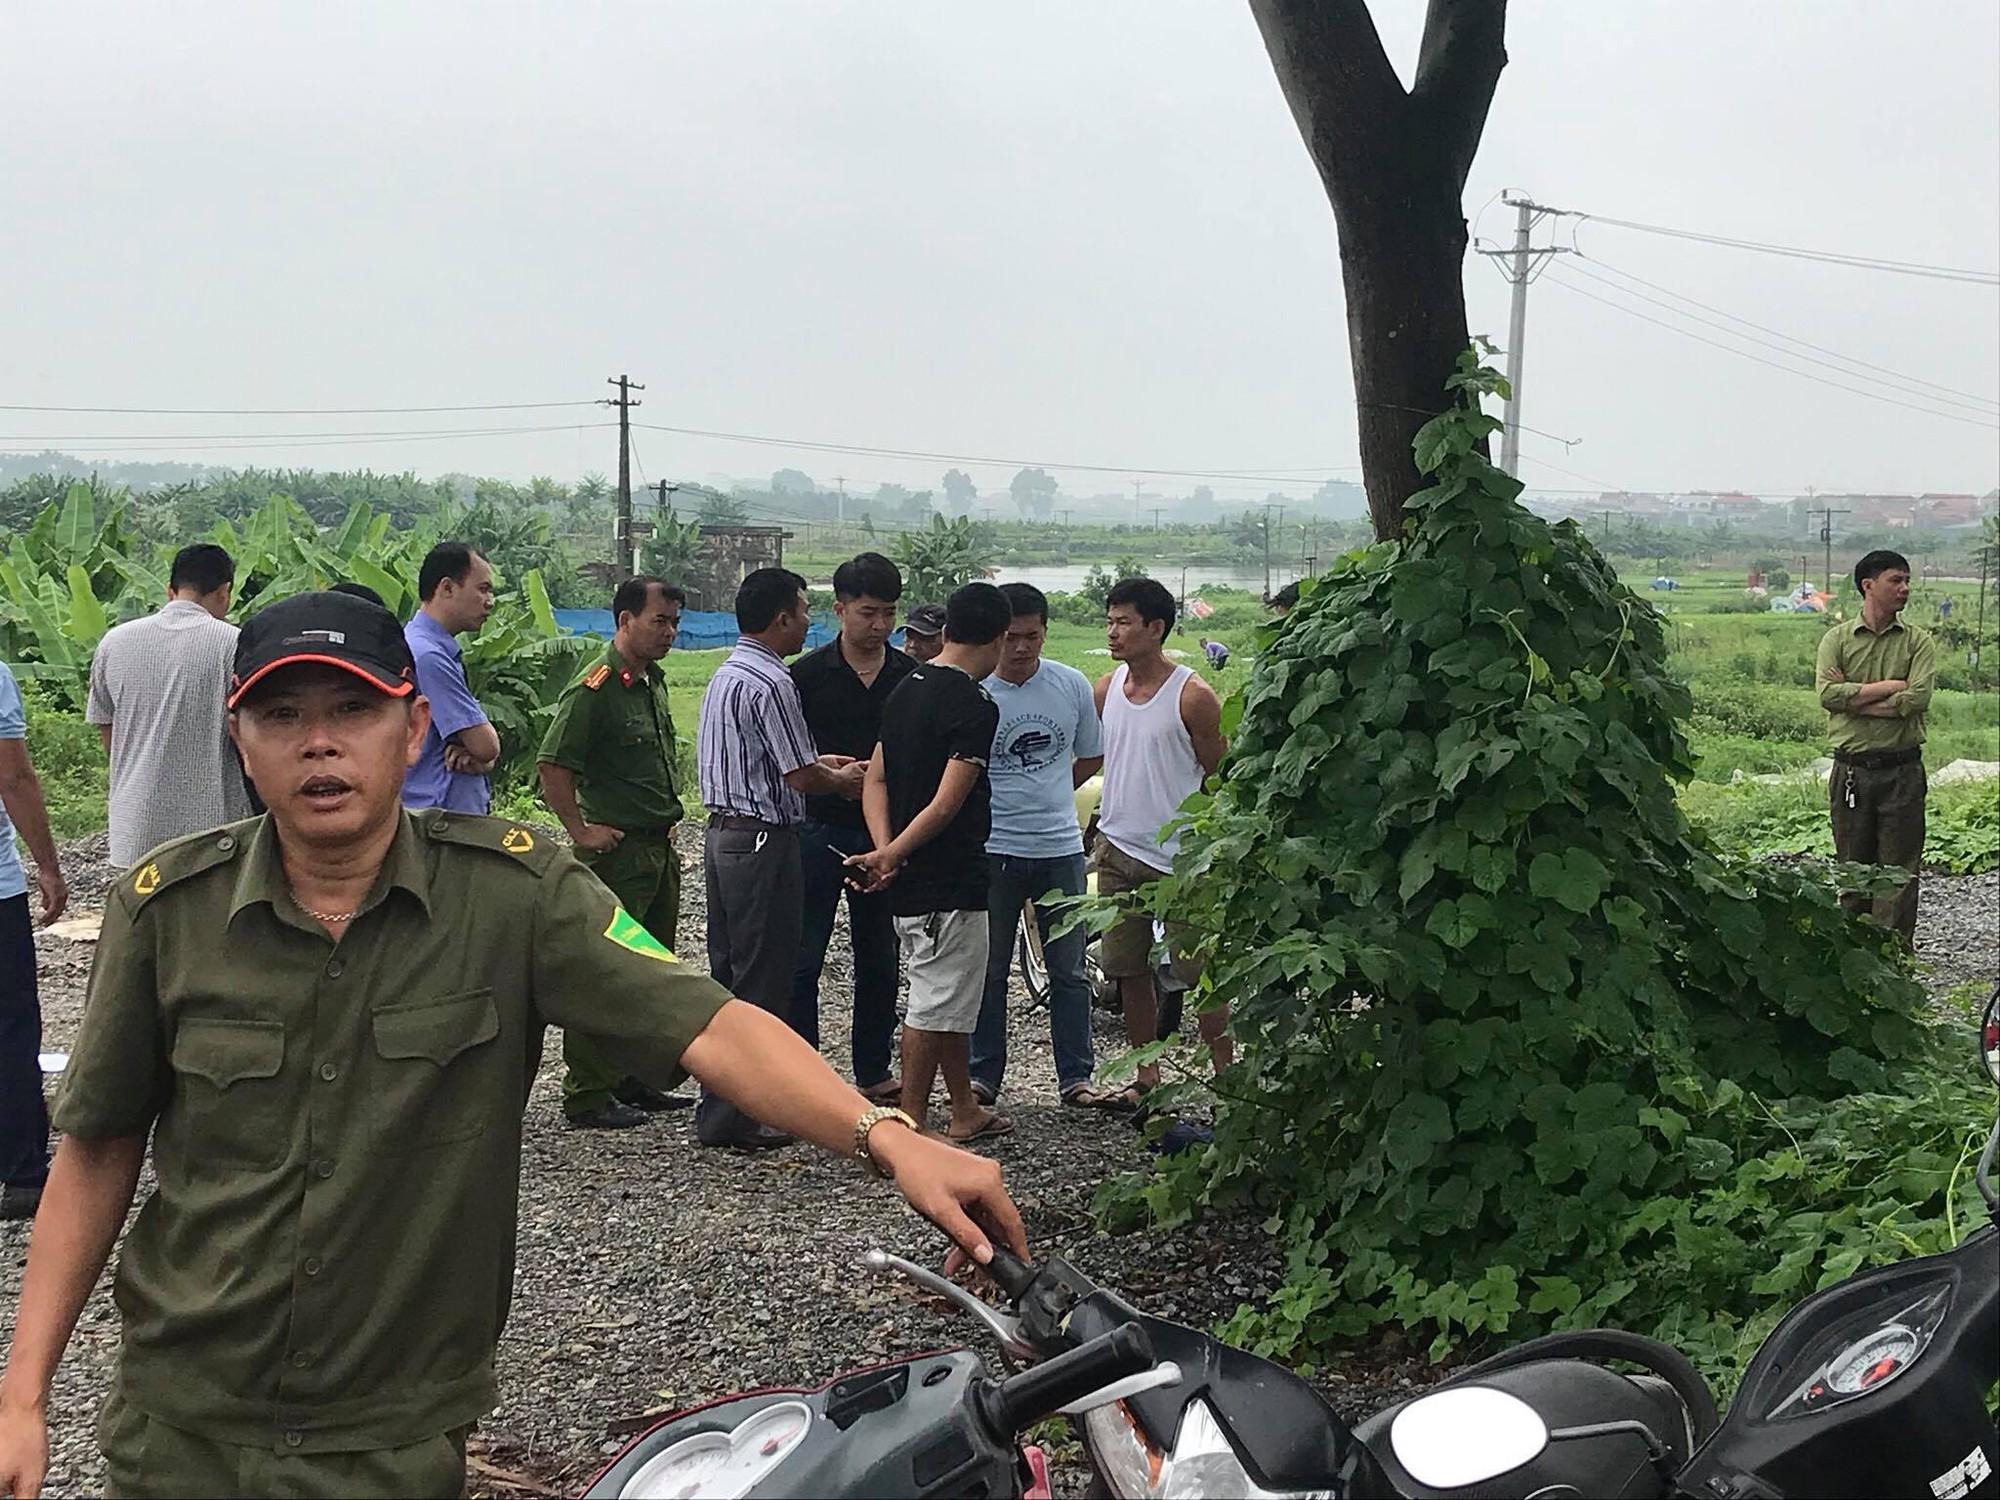 Hà Nội: Phát hiện nam thanh niên tử vong bên gốc cây cạnh chiếc xe máy sau đêm mưa - Ảnh 1.